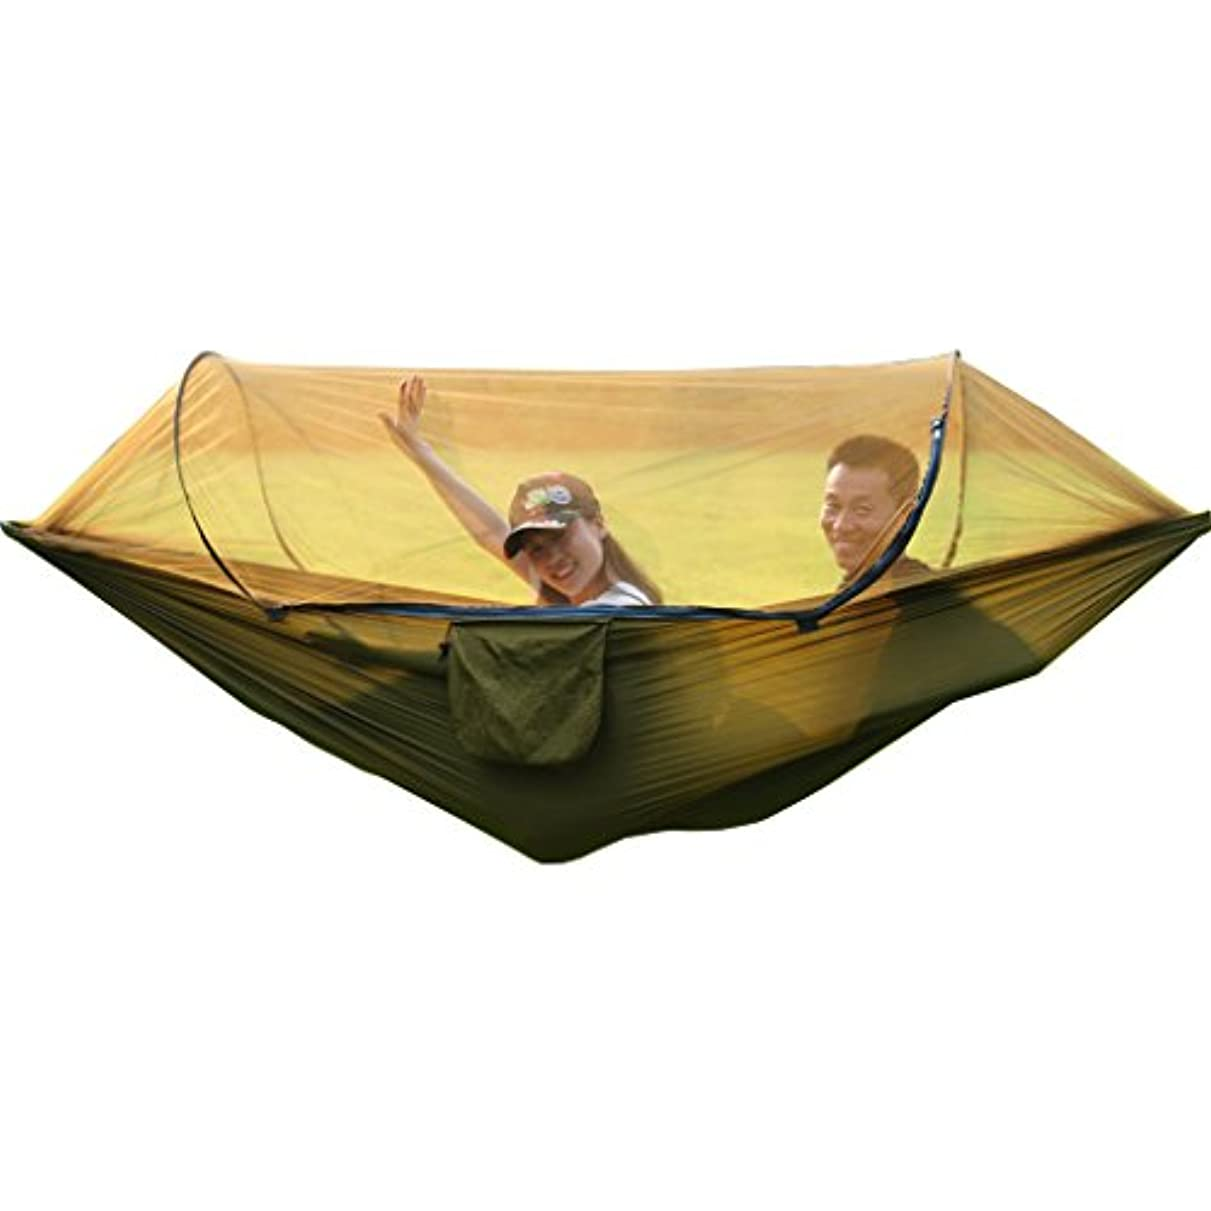 スツールエレクトロニック退屈させるXY & CF anti-mosquitoスイングアウトドアwith Mosquito NetハンモックキャンプハンモックSuitable forハイキング、ビーチ